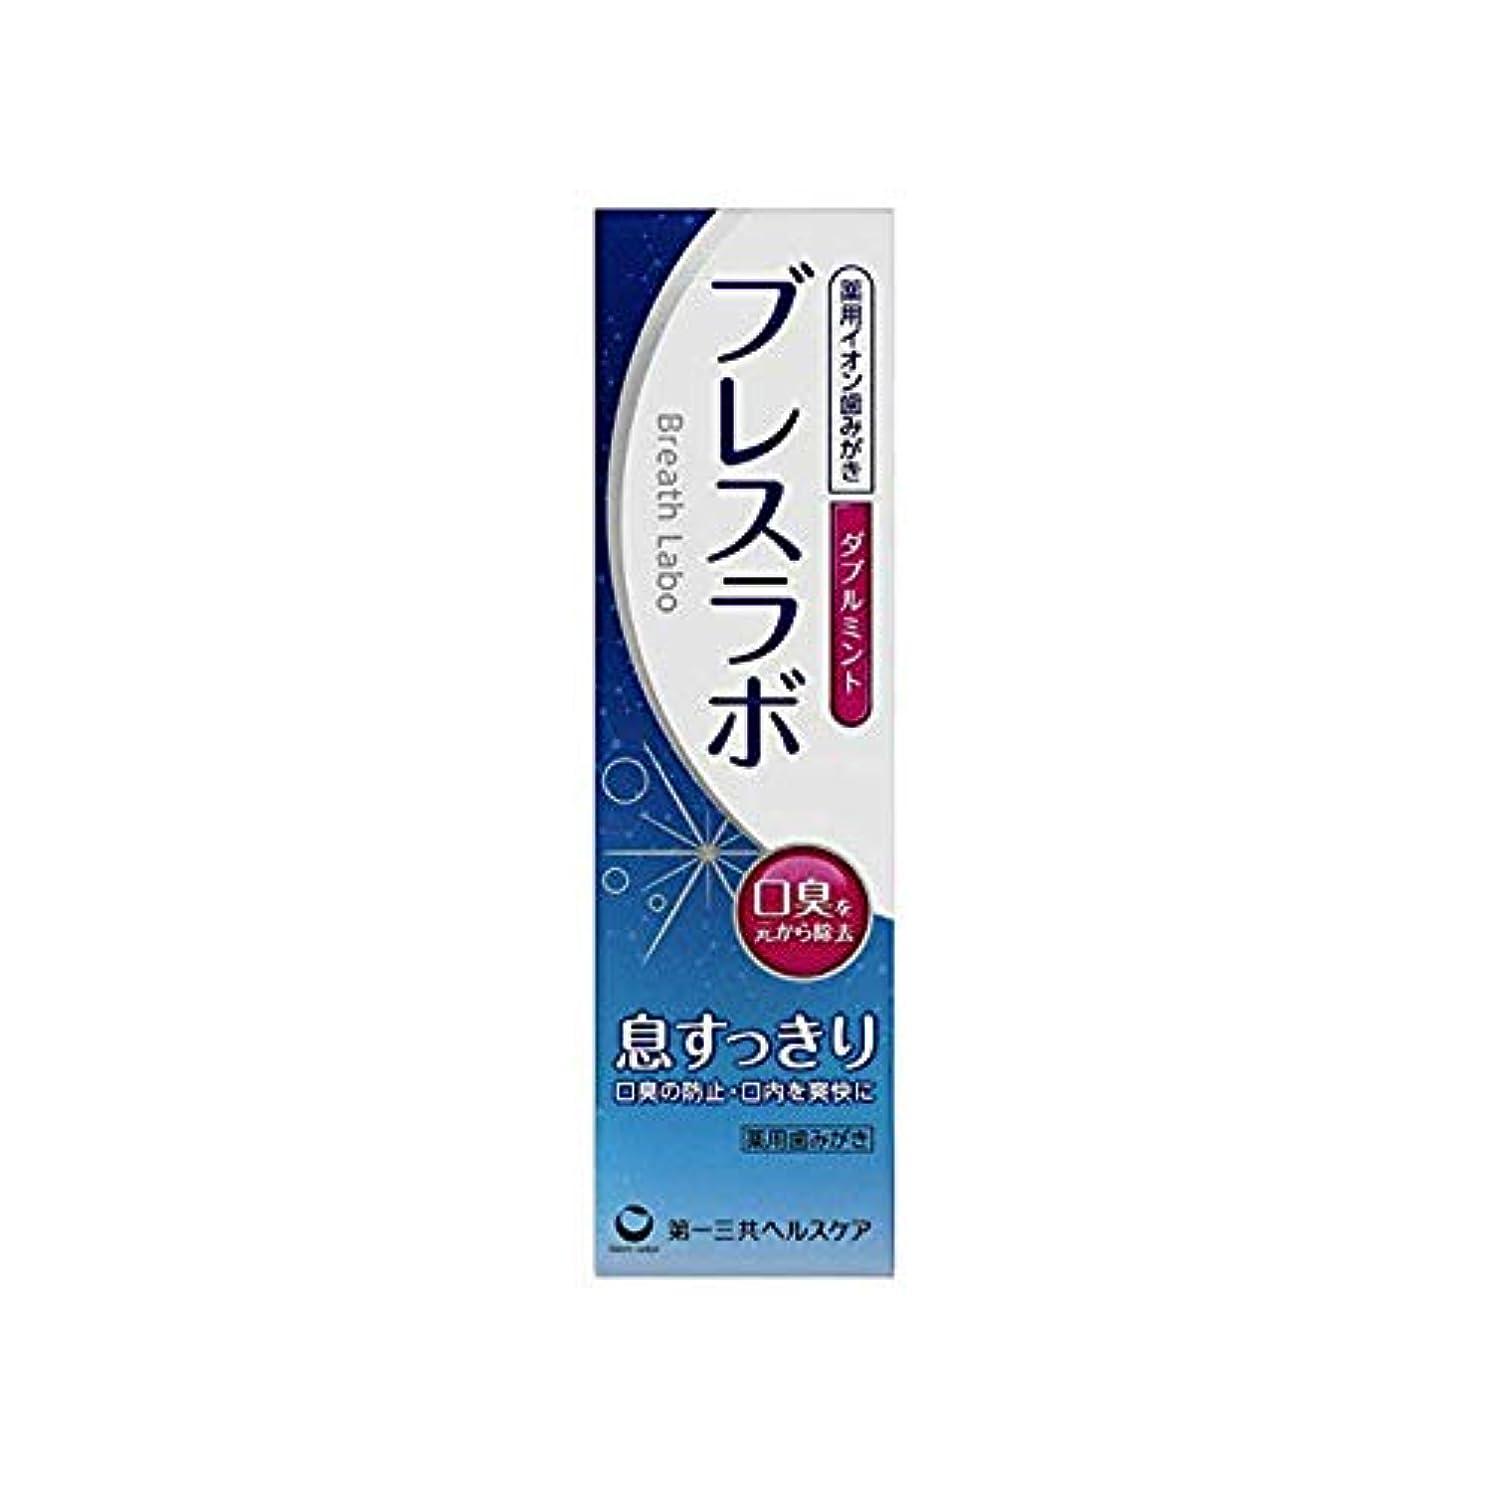 成長冷える株式会社【4個セット】ブレスラボ ダブルミント 90g